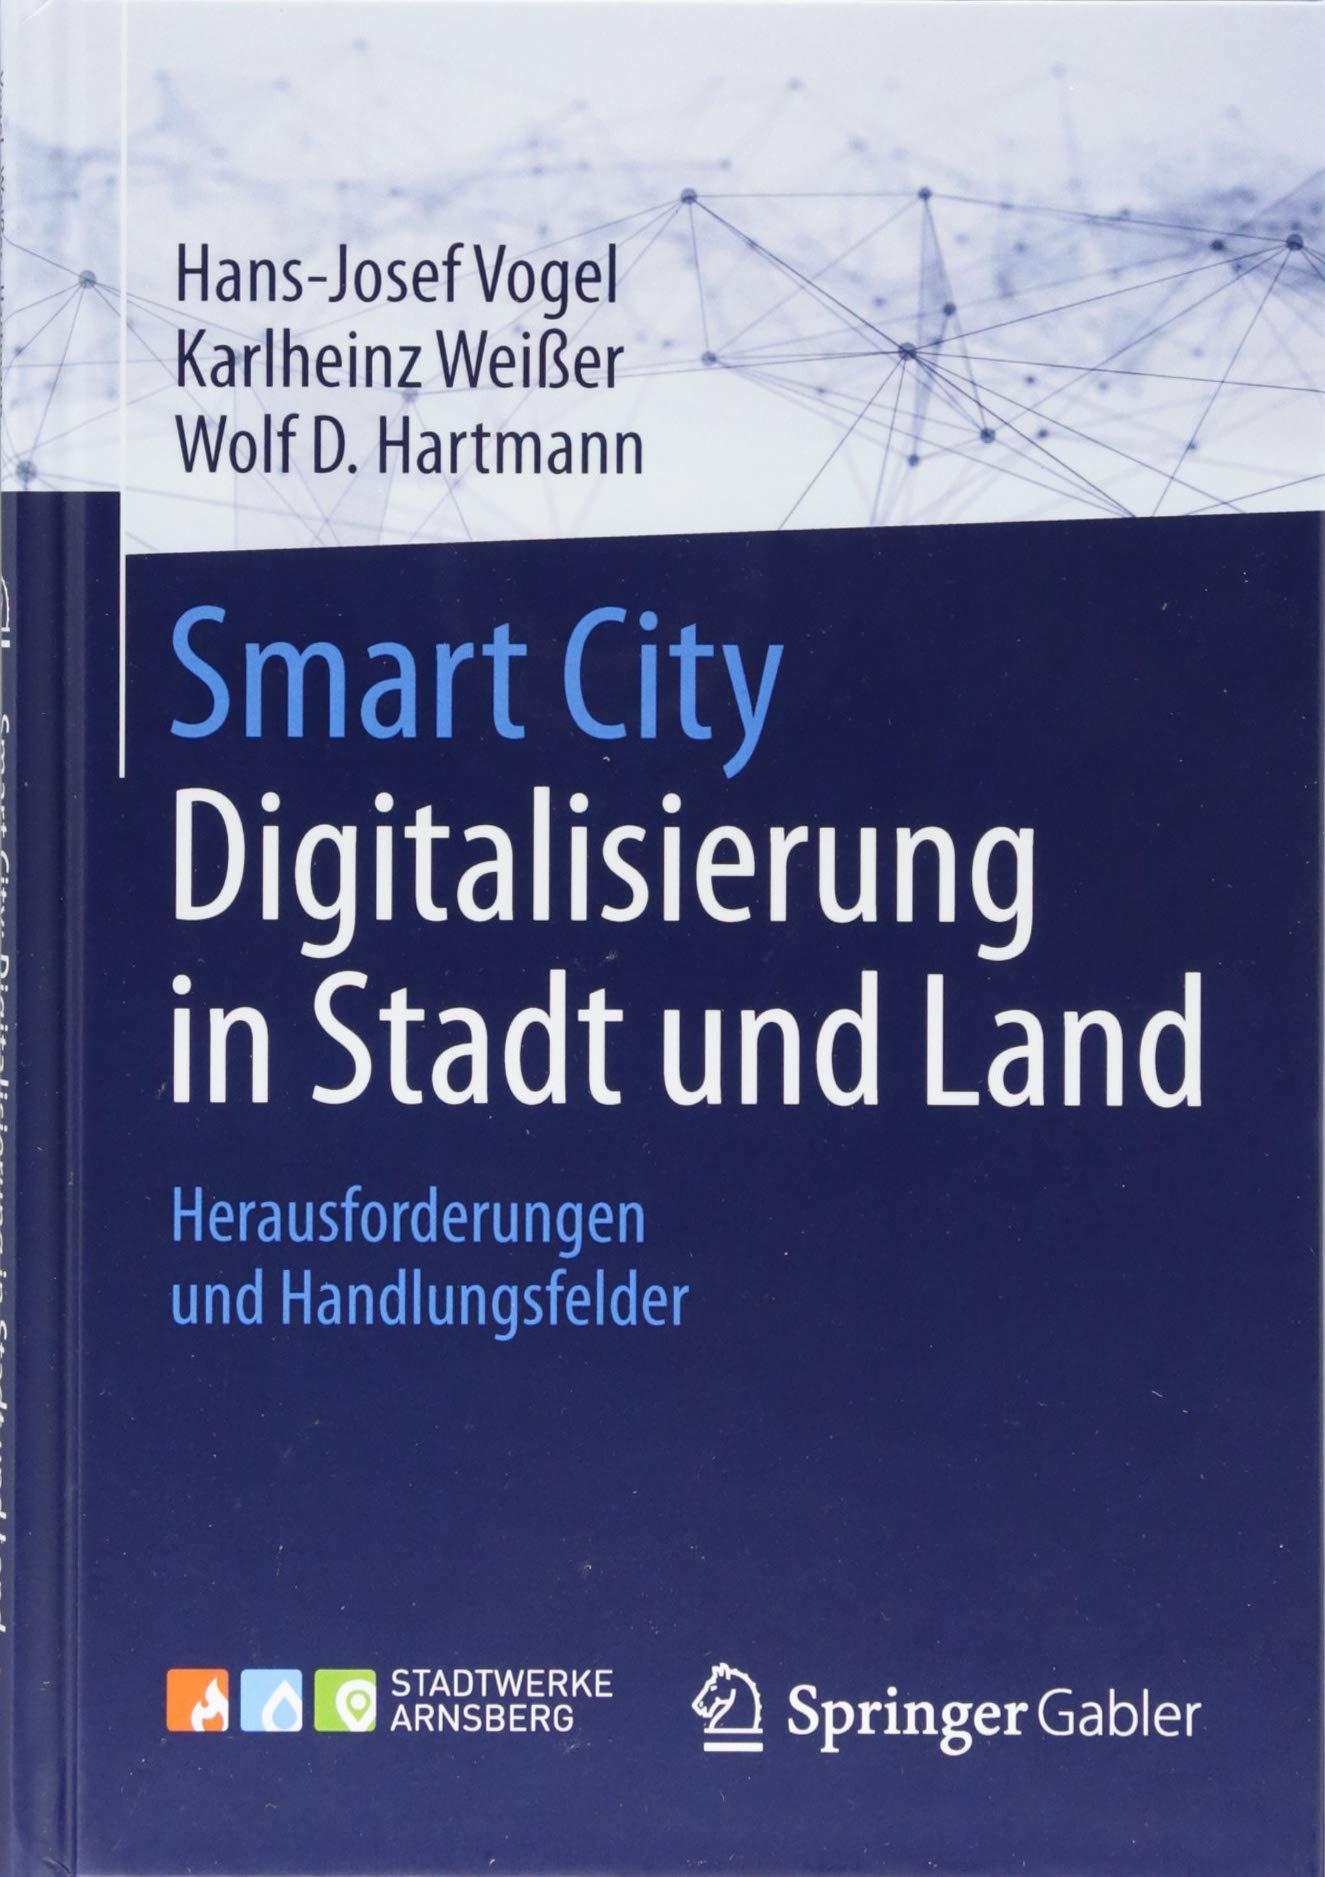 Smart City: Digitalisierung in Stadt und Land: Herausforderungen und Handlungsfelder Gebundenes Buch – 27. November 2017 Hans-Josef Vogel Karlheinz Weißer Wolf D.Hartmann Springer Gabler